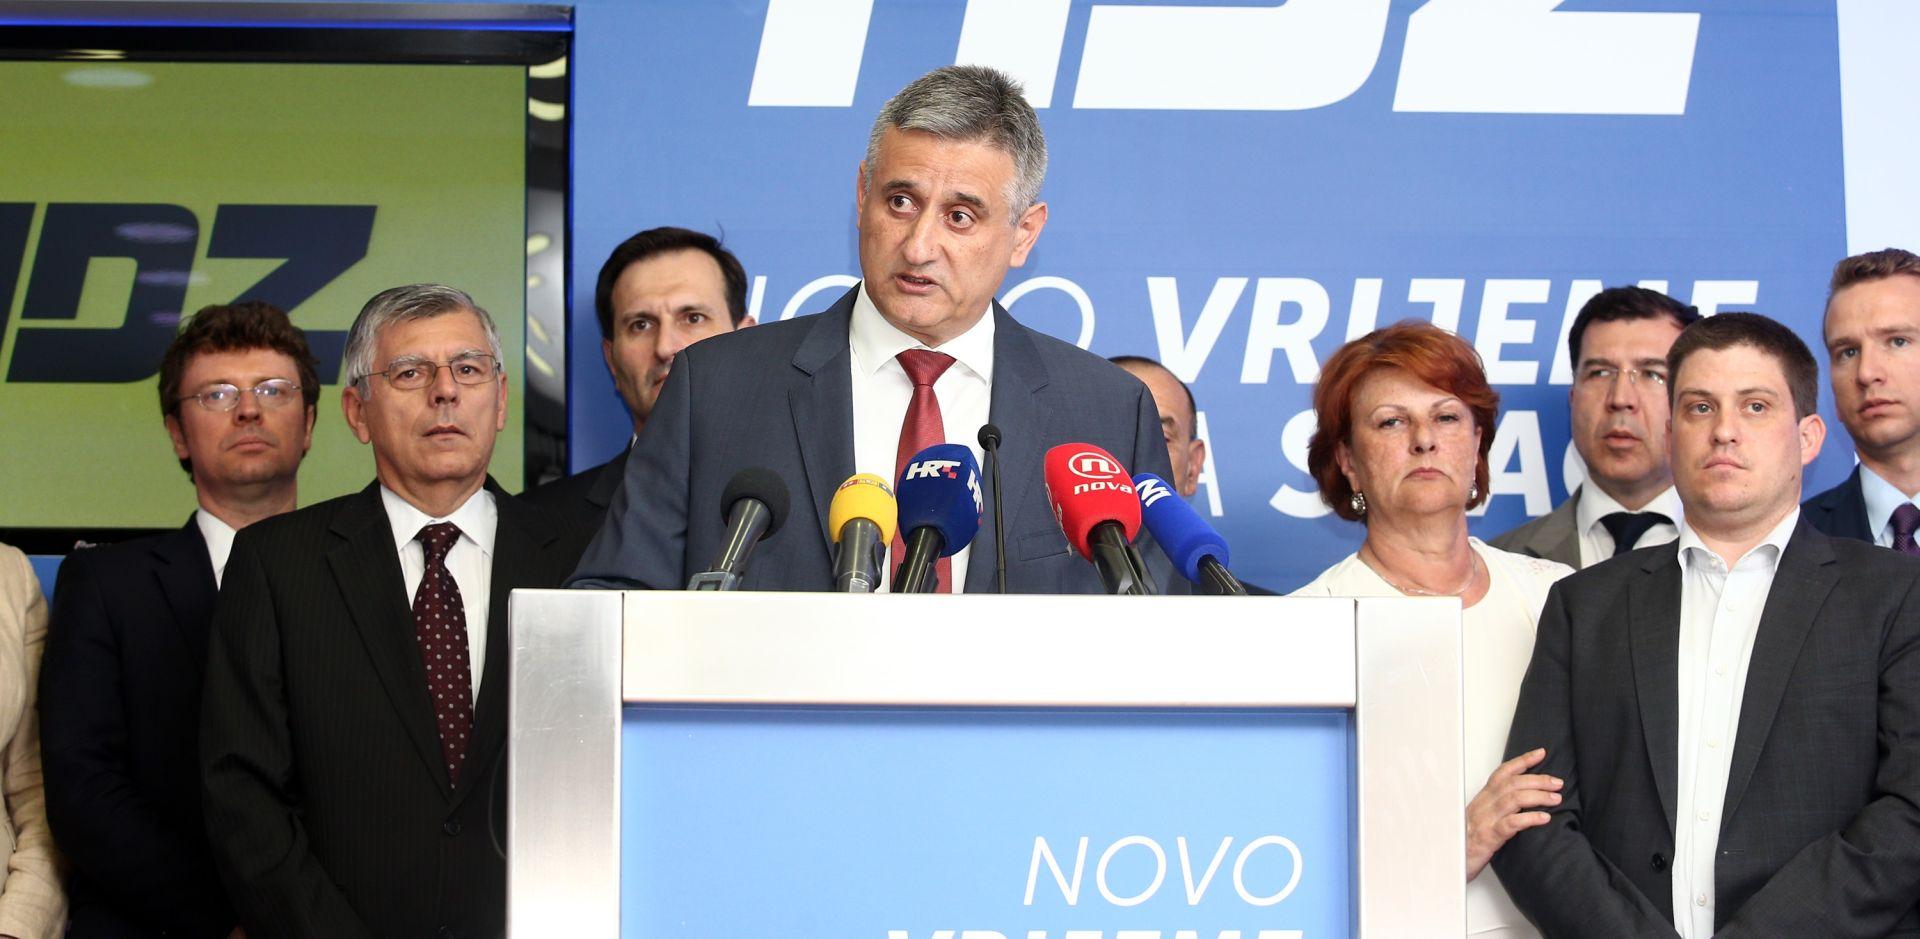 Karamarko: 'Bilo bi najbolje da ja, Božo Petrov i Tihomir Orešković izađemo iz Vlade'